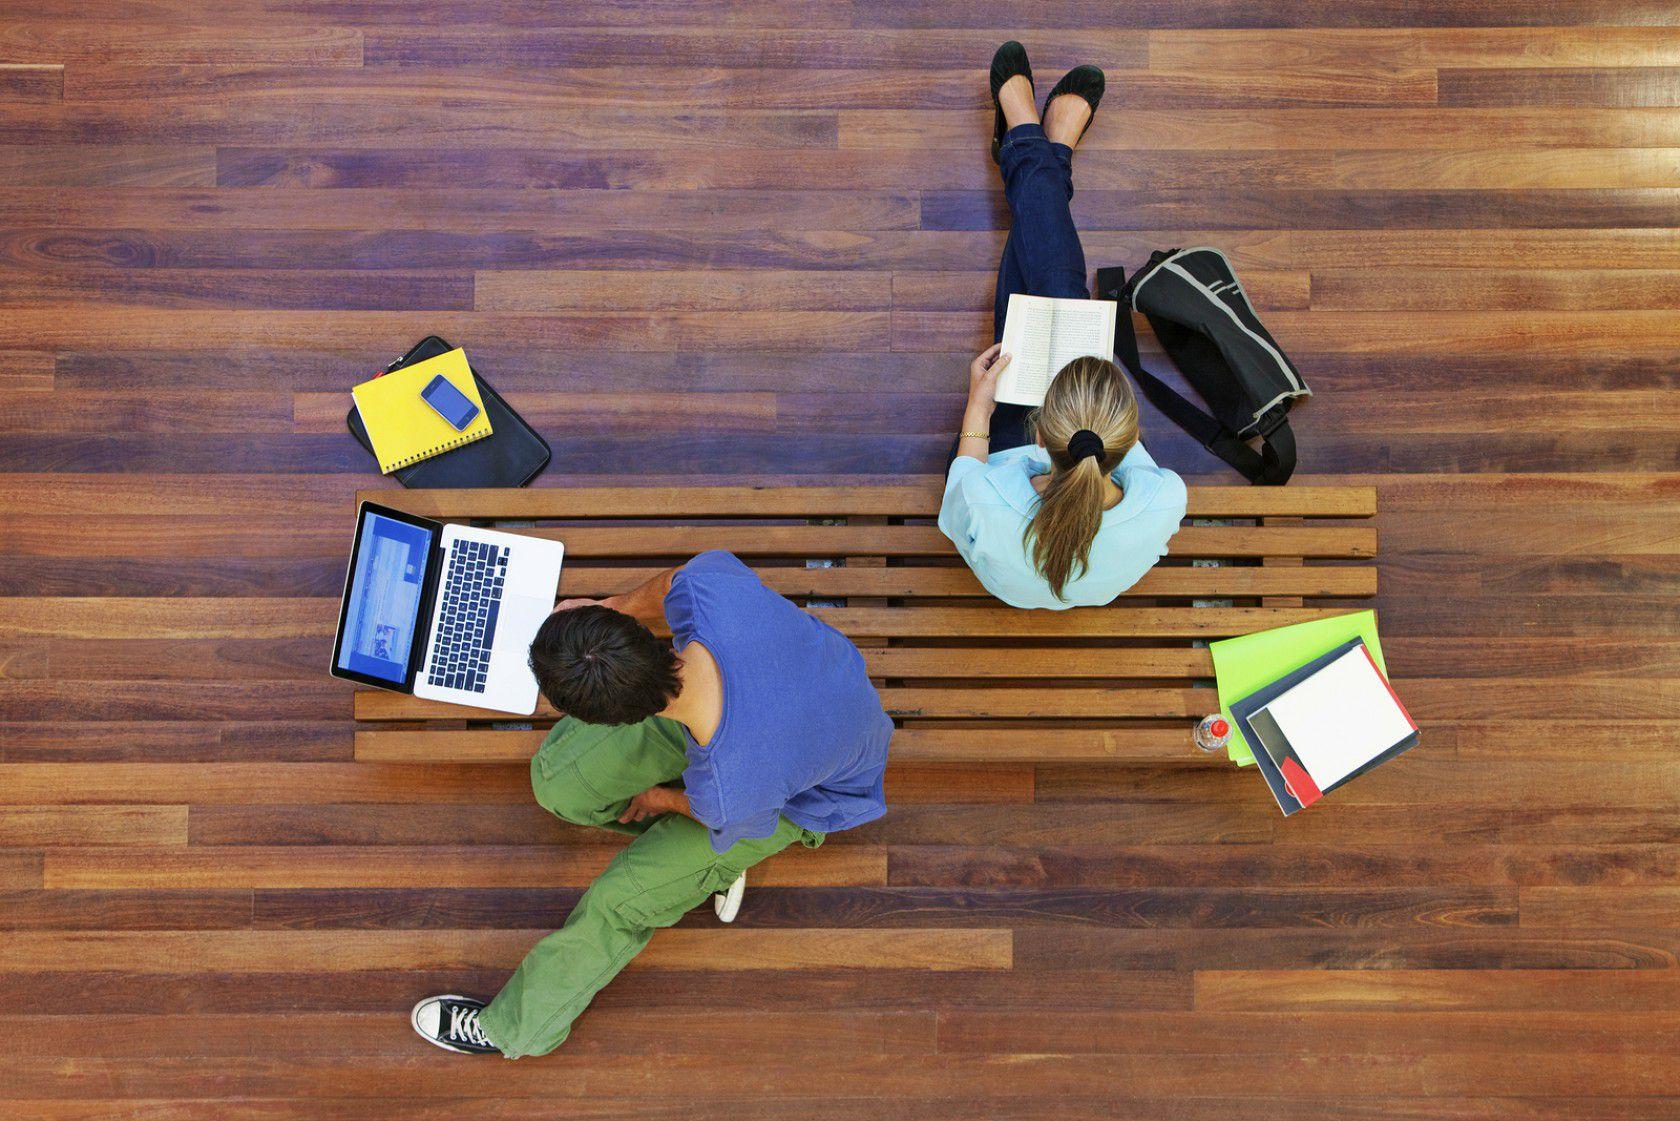 Yurtdışında Eğitim Almak için Sahip Olmanız Gereken Özellikler Nelerdir?